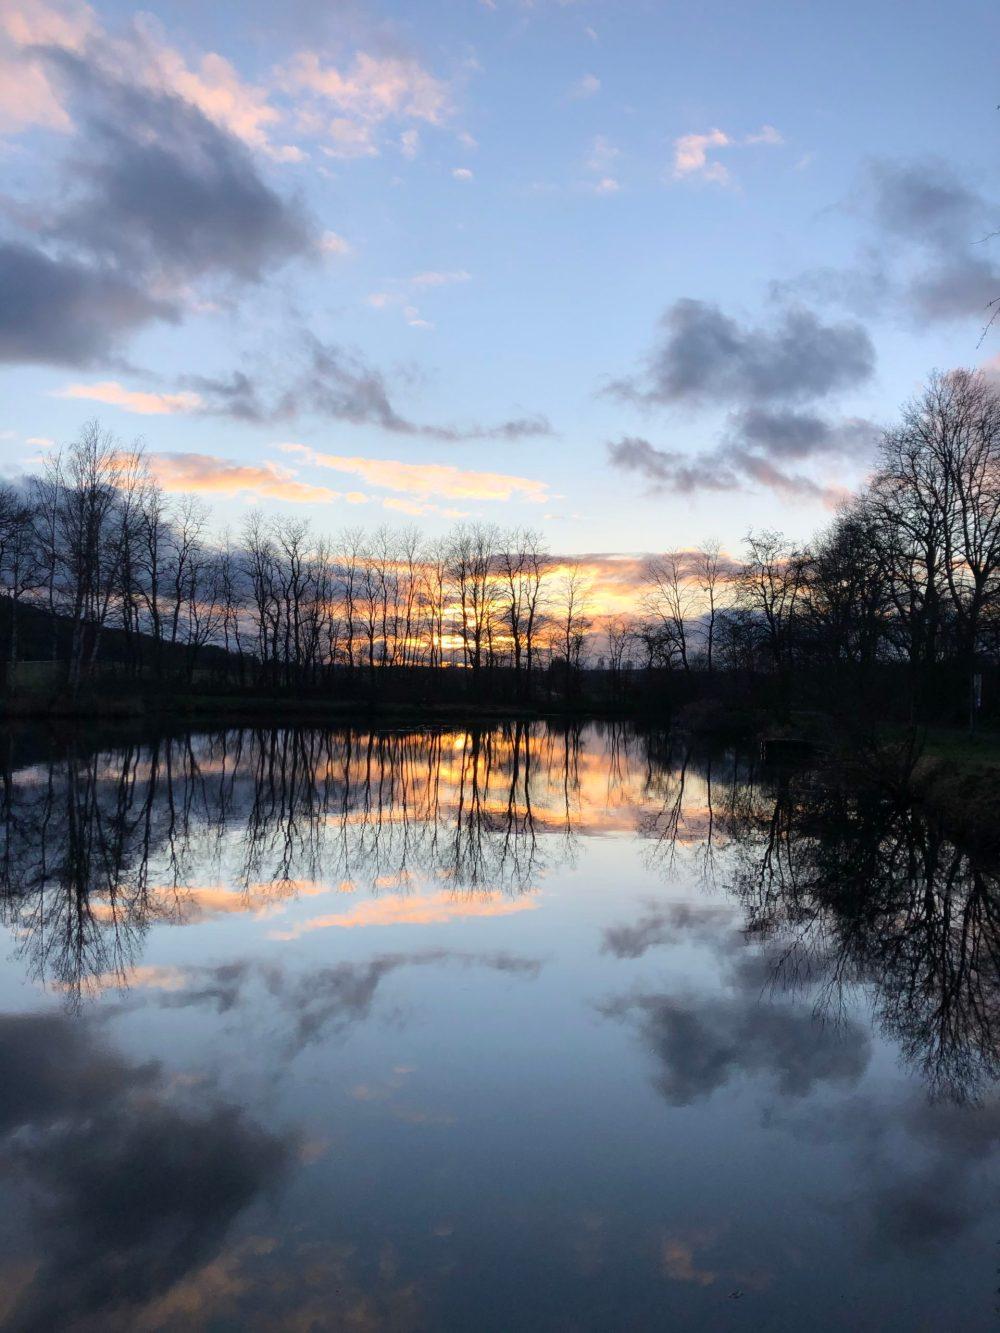 Sonnenuntergang im Spiegel eines Weihers